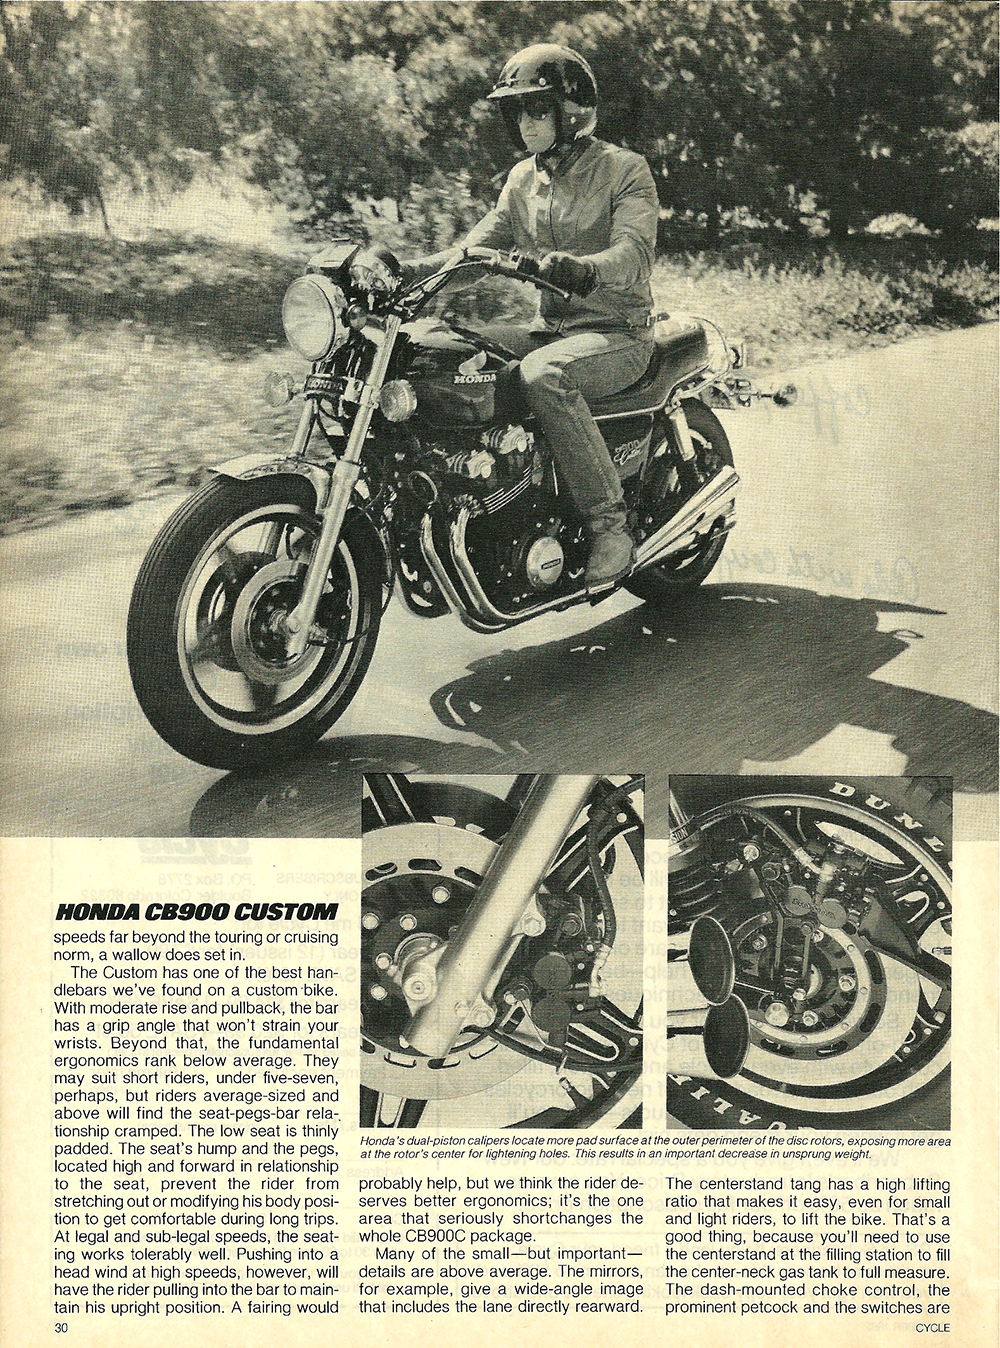 1982 Honda CB900C Custom road test 6.jpg